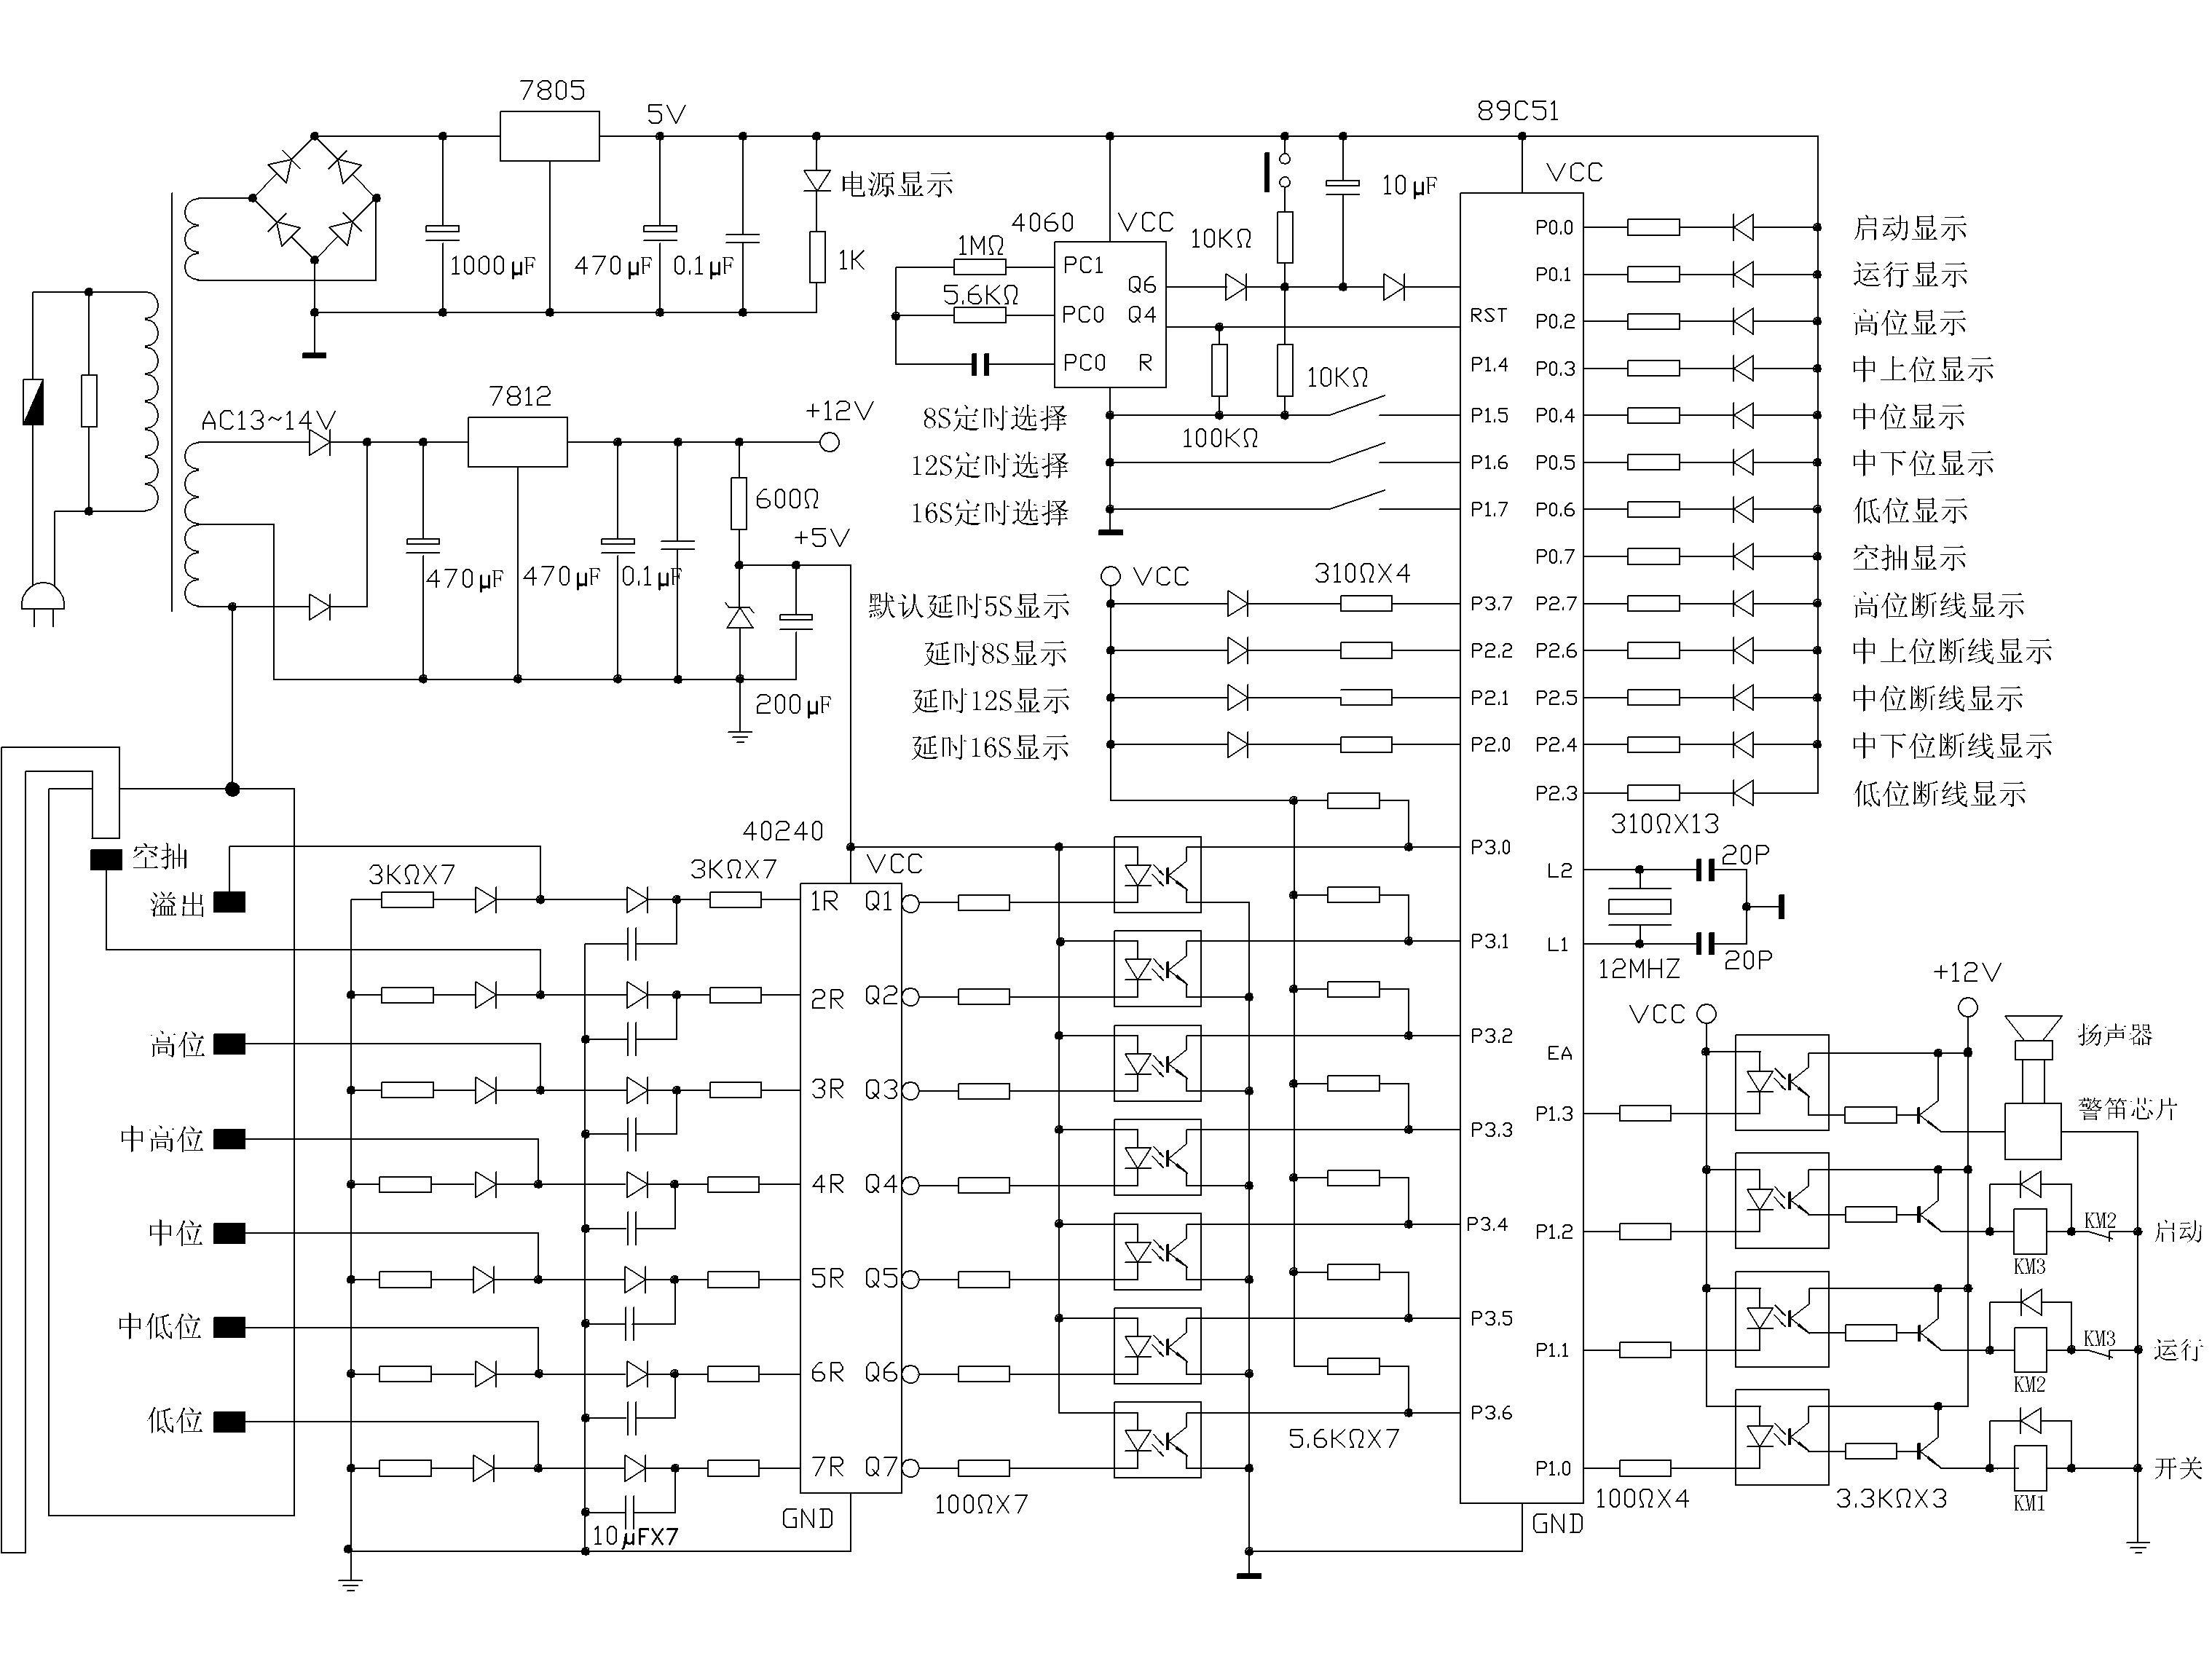 你是用的什么型号的单片机芯片,查一下他们承受的最大电流是多少?分别查一下单个io的和整个芯片所承受的最大电流,我估计肯定是不行的,建议使用一个uln2003芯片来驱动,此芯片可以同时驱动八个继电器,或者用四个三极管也行就是有点麻烦